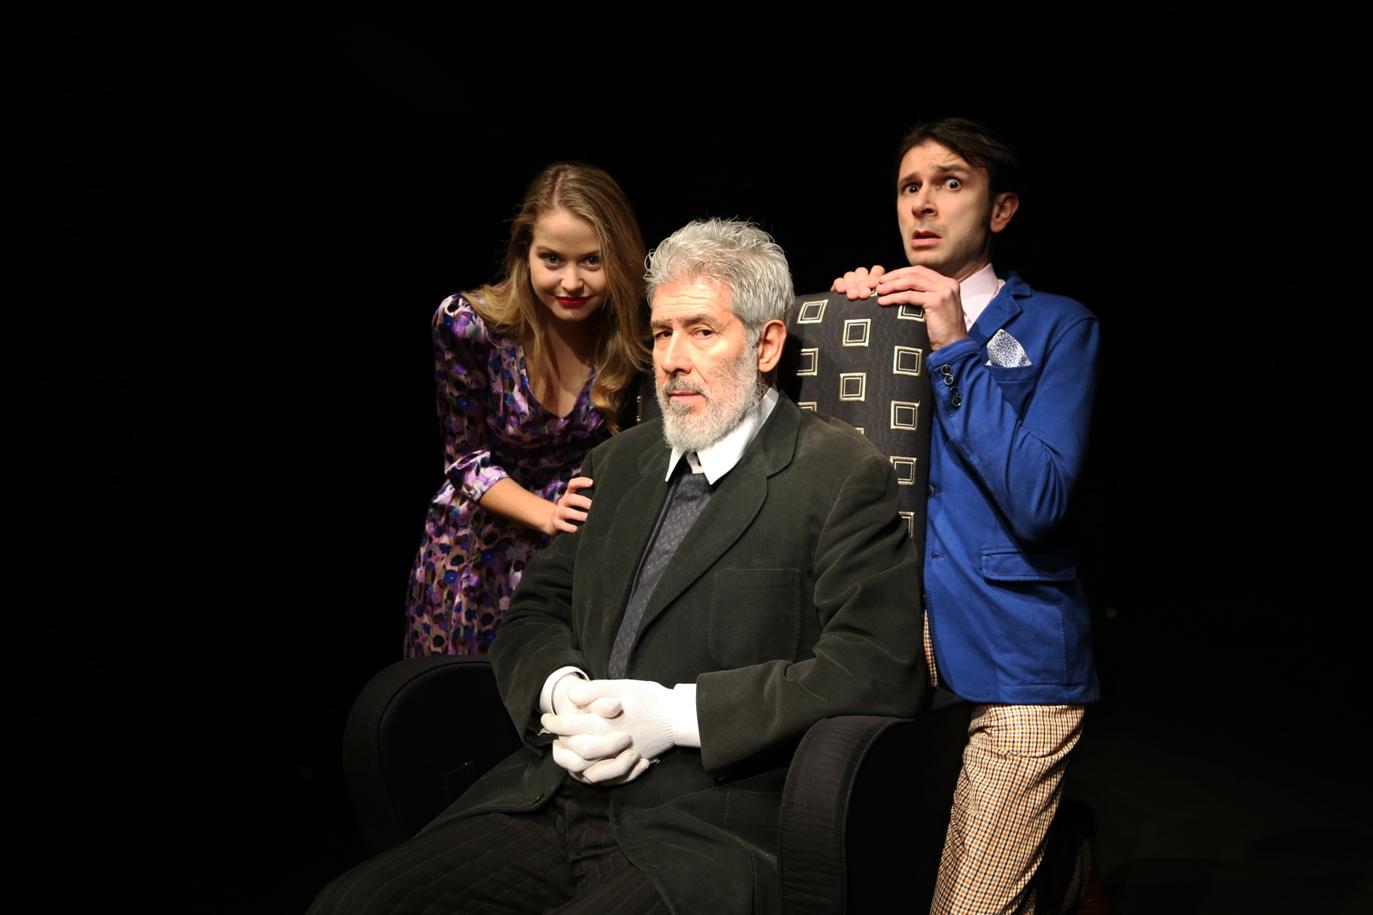 Teatro: domani la comicità di Alessandro Benvenuti sul palco del Teatro Jenco